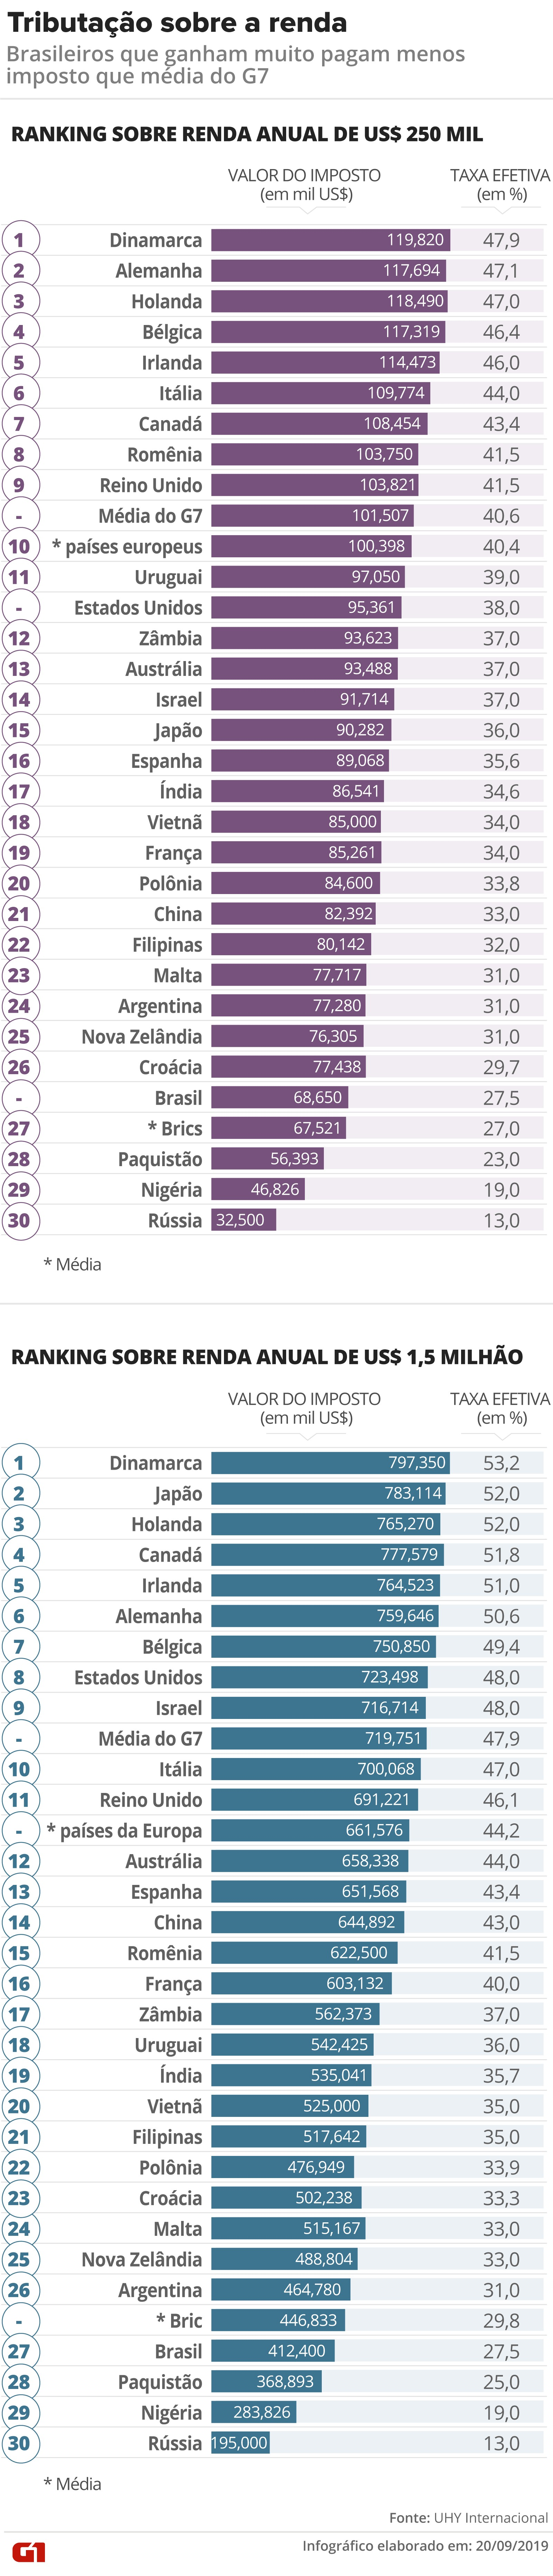 Brasileiros com alta renda são menos tributados que na média dos países mais industrializados, aponta pesquisa - Notícias - Plantão Diário